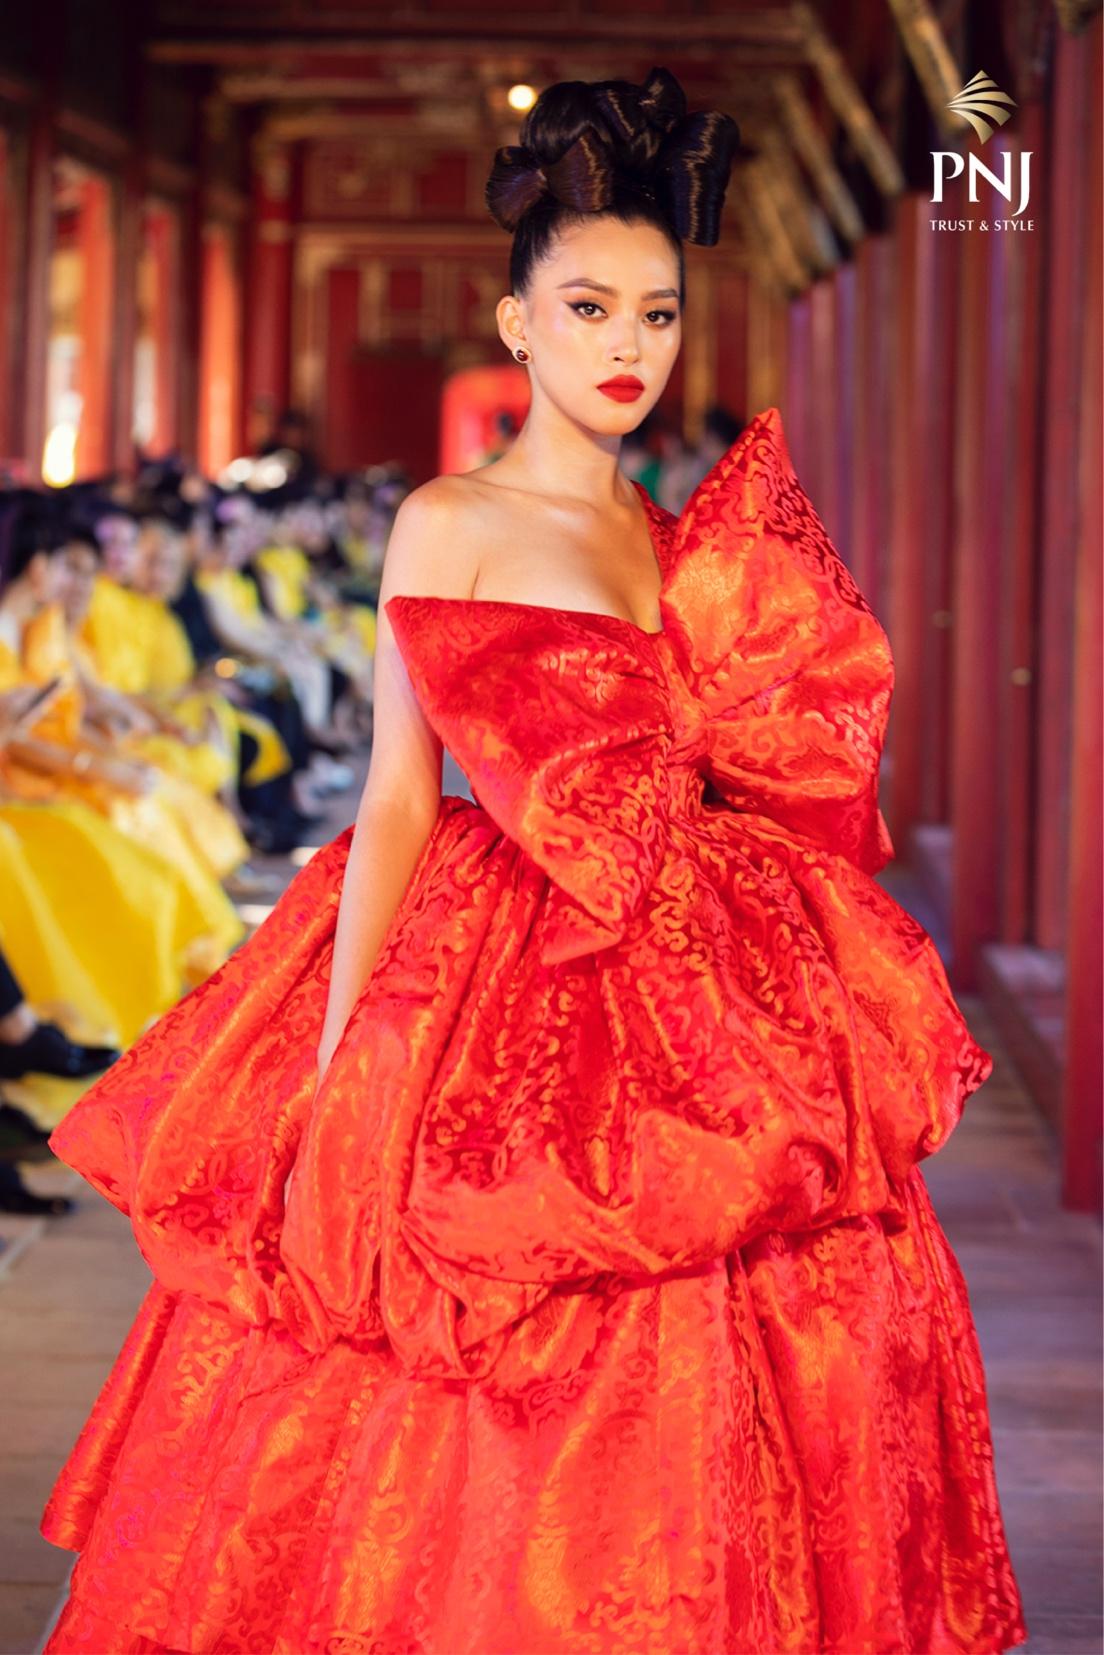 Hoa hậu Tiểu Vy xuất hiện với tạo hình tóc búi cao và trang điểm đậm. Với kiểu tóc này, cô sử dụng bông tai đá ruby của PNJ sang trọng nhưng vẫn giữ nét hoài cổ của người phụ nữ Á Đông.